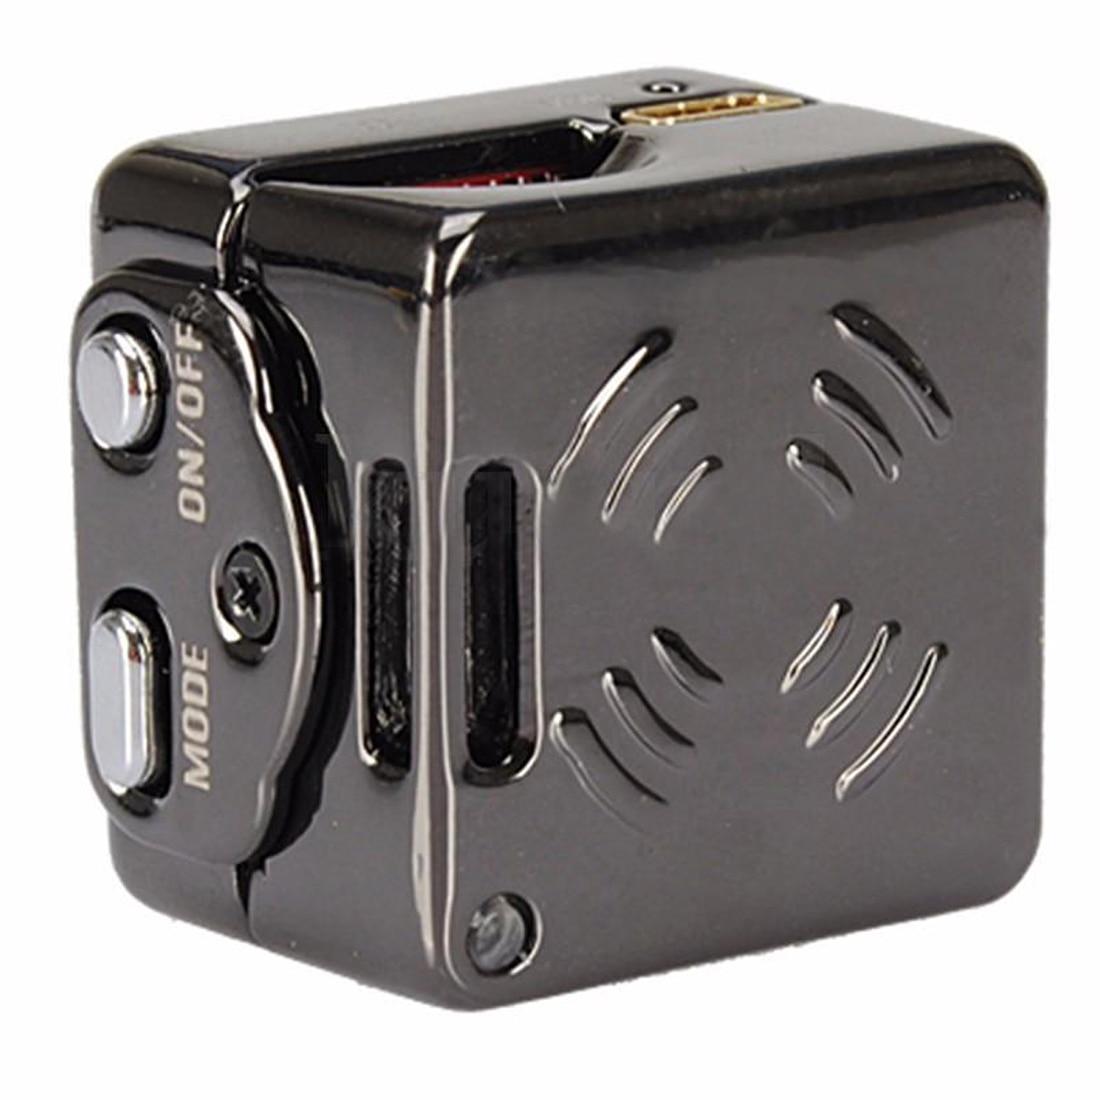 5 Packs SQ8 Mini DV Camera 1080P Full HD Car Sports IR Night Vision DVR Video Camcorder xingtianxia hd 186 1 5 ltps 5 0mp car vehicle dvr camcorder w 4 ir led g sensor black